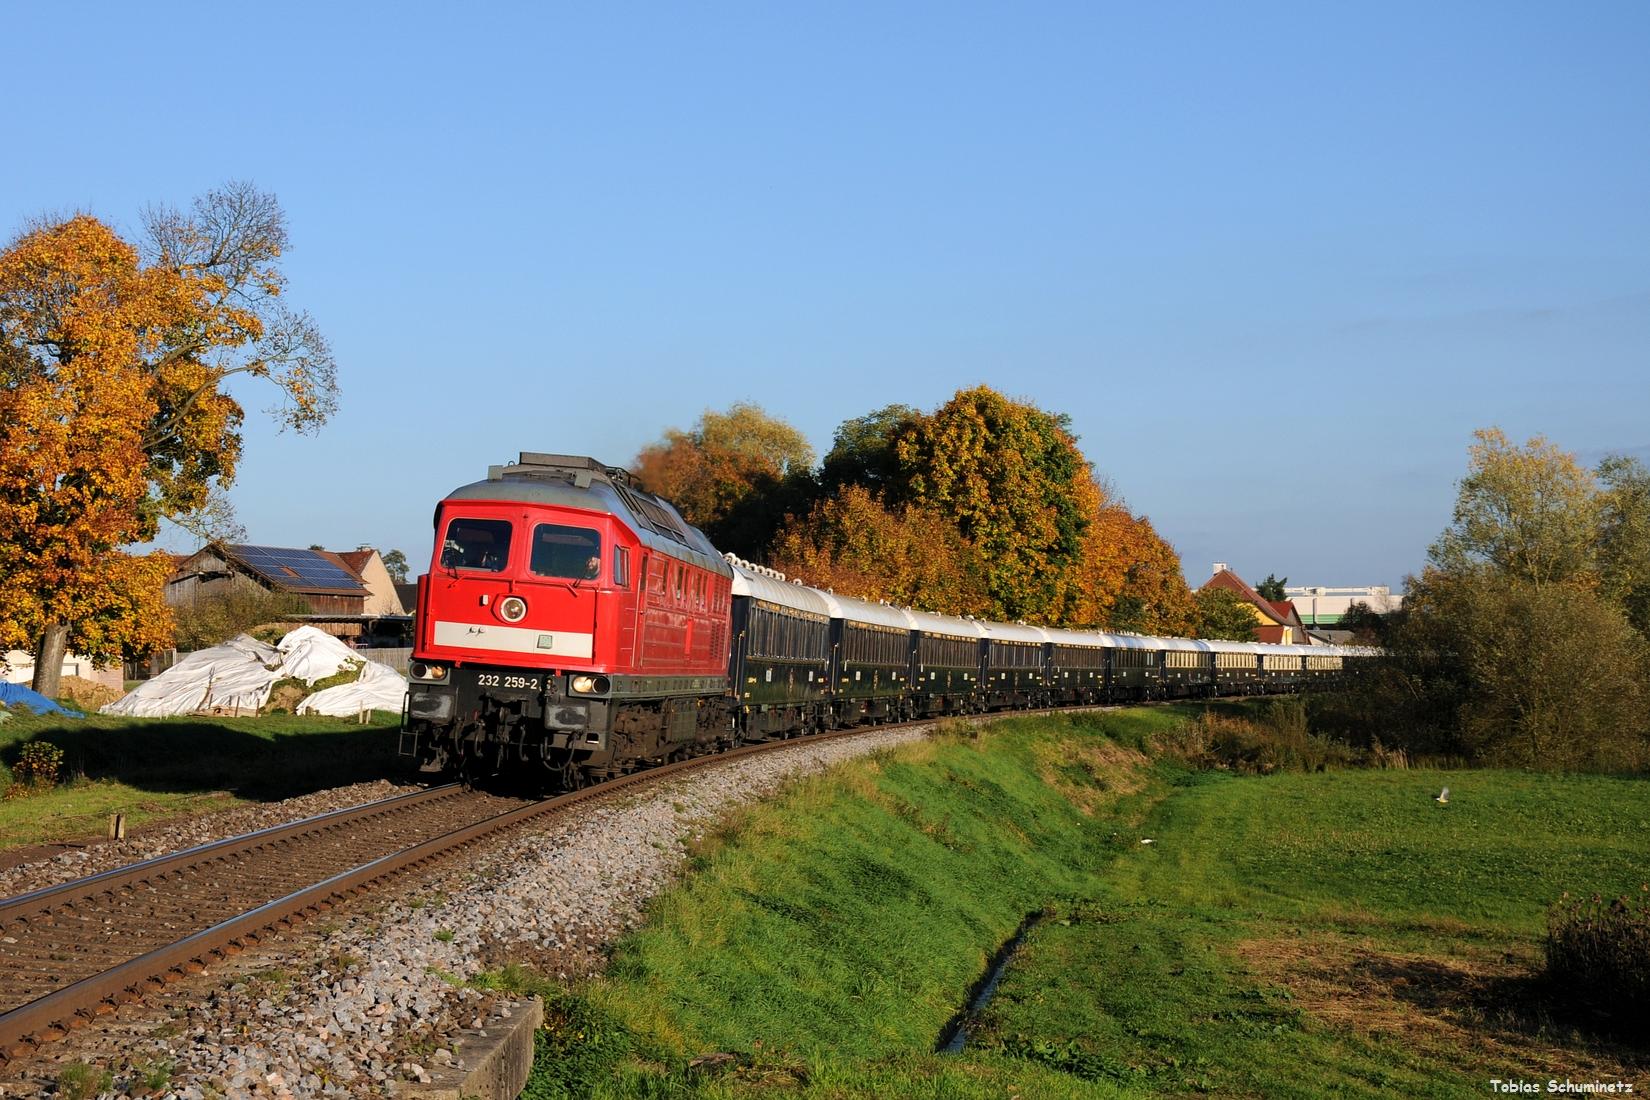 Da der Zug dieses Jahr um einiges früher verkehrte, musste in Cham nochmals gekreuzt werden. Wir schafften es nach Pösing, was aber ziemlich knapp war.